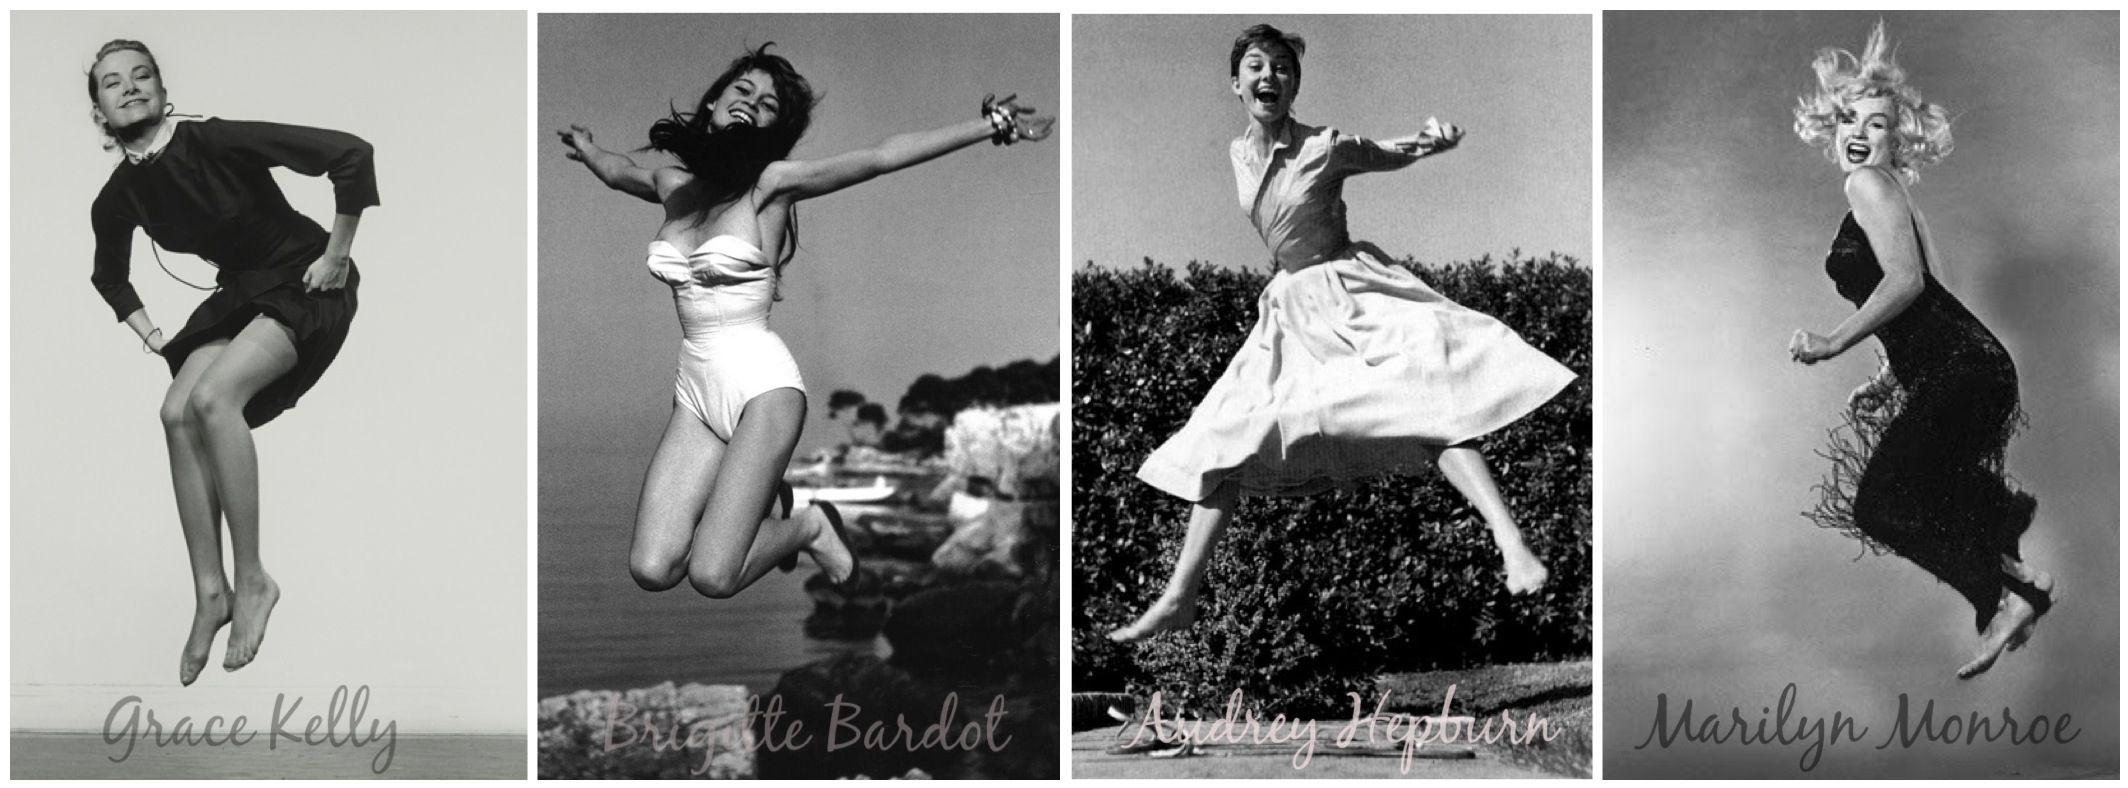 Grace Kelly, Marilyn Monroe, Brigitte Bardot & Audrey